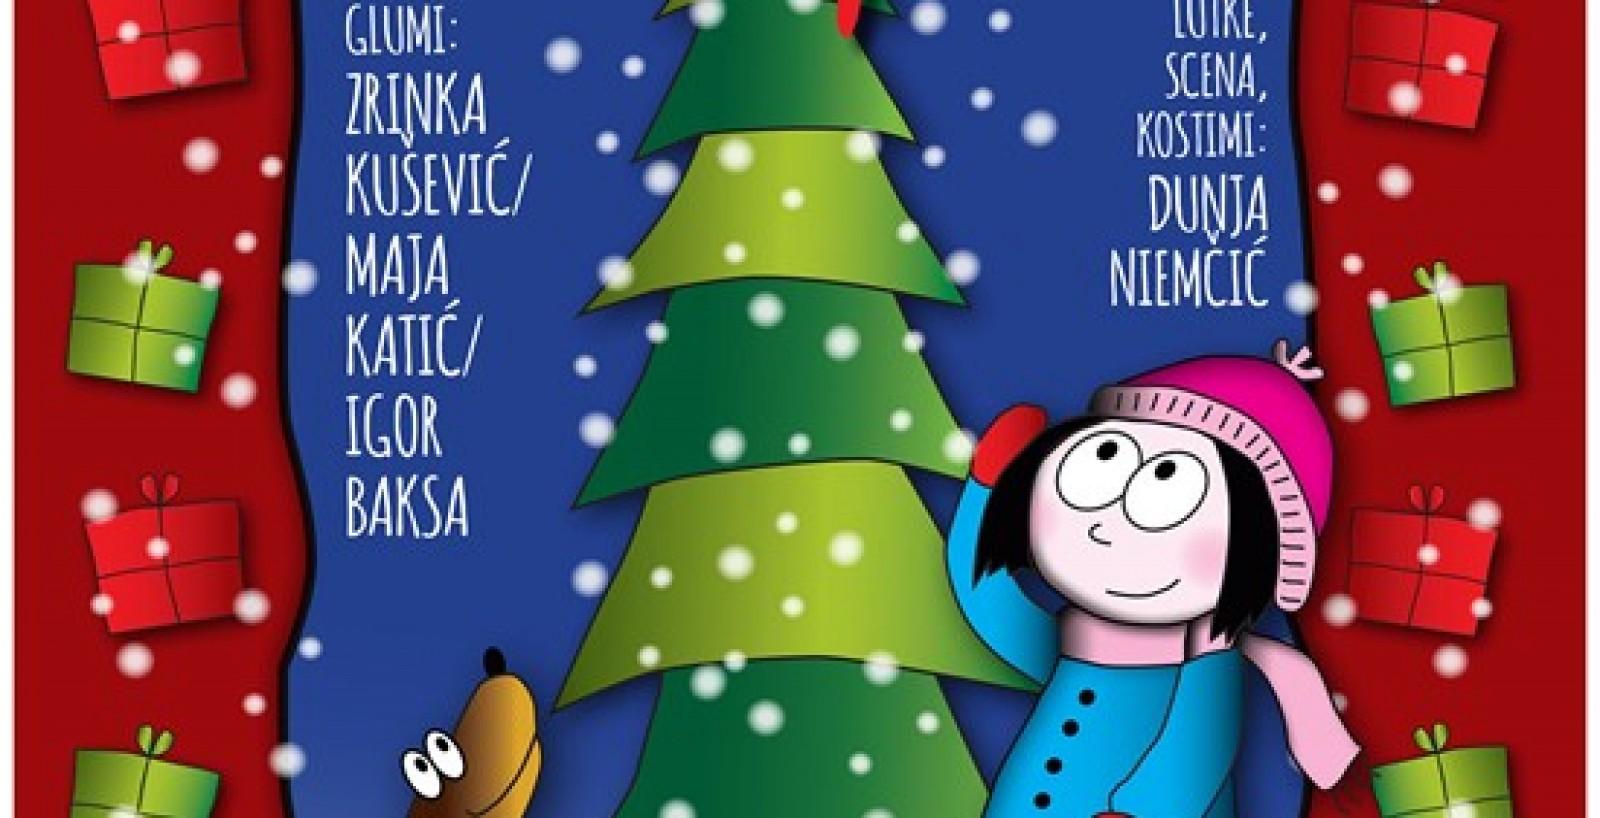 Sarmijada, Božićno selo i TS Alibi obilježit će 2. adventski vikend u Gorici